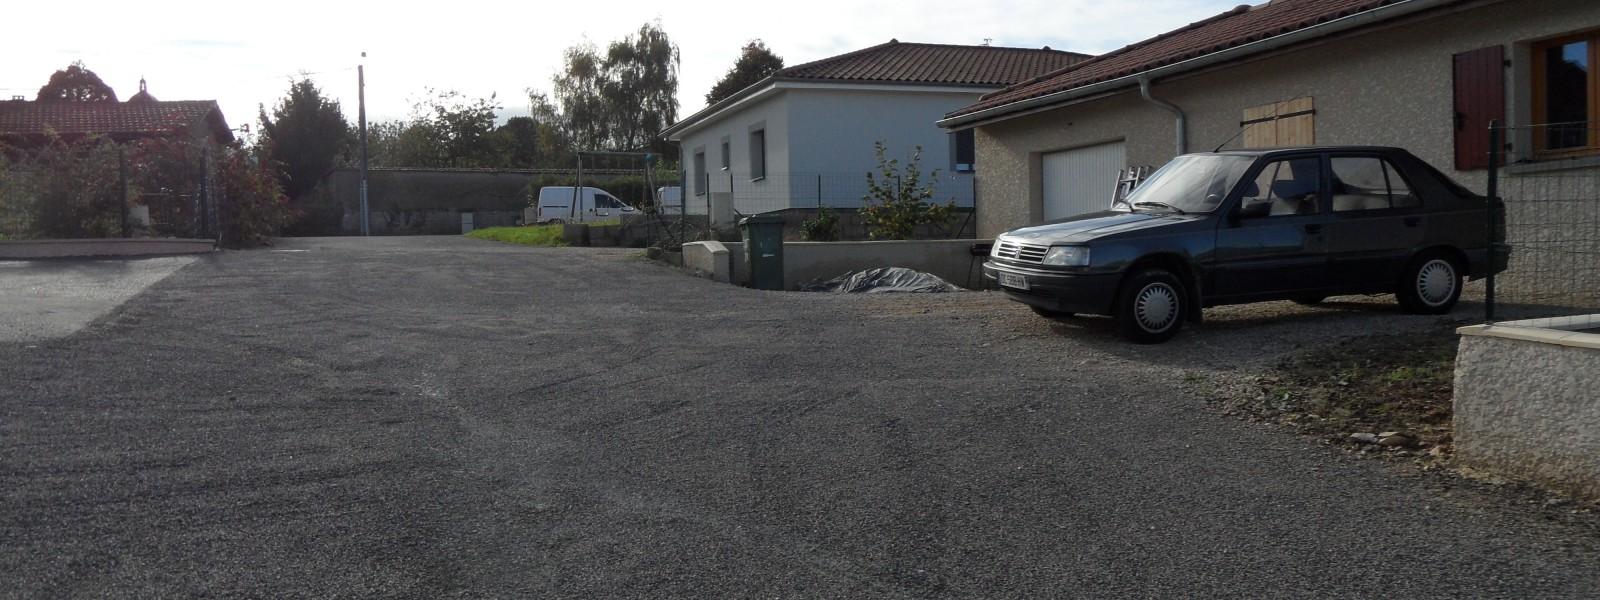 LE PRÉ CHALON - Visuel 3 - Impact immobilier 01